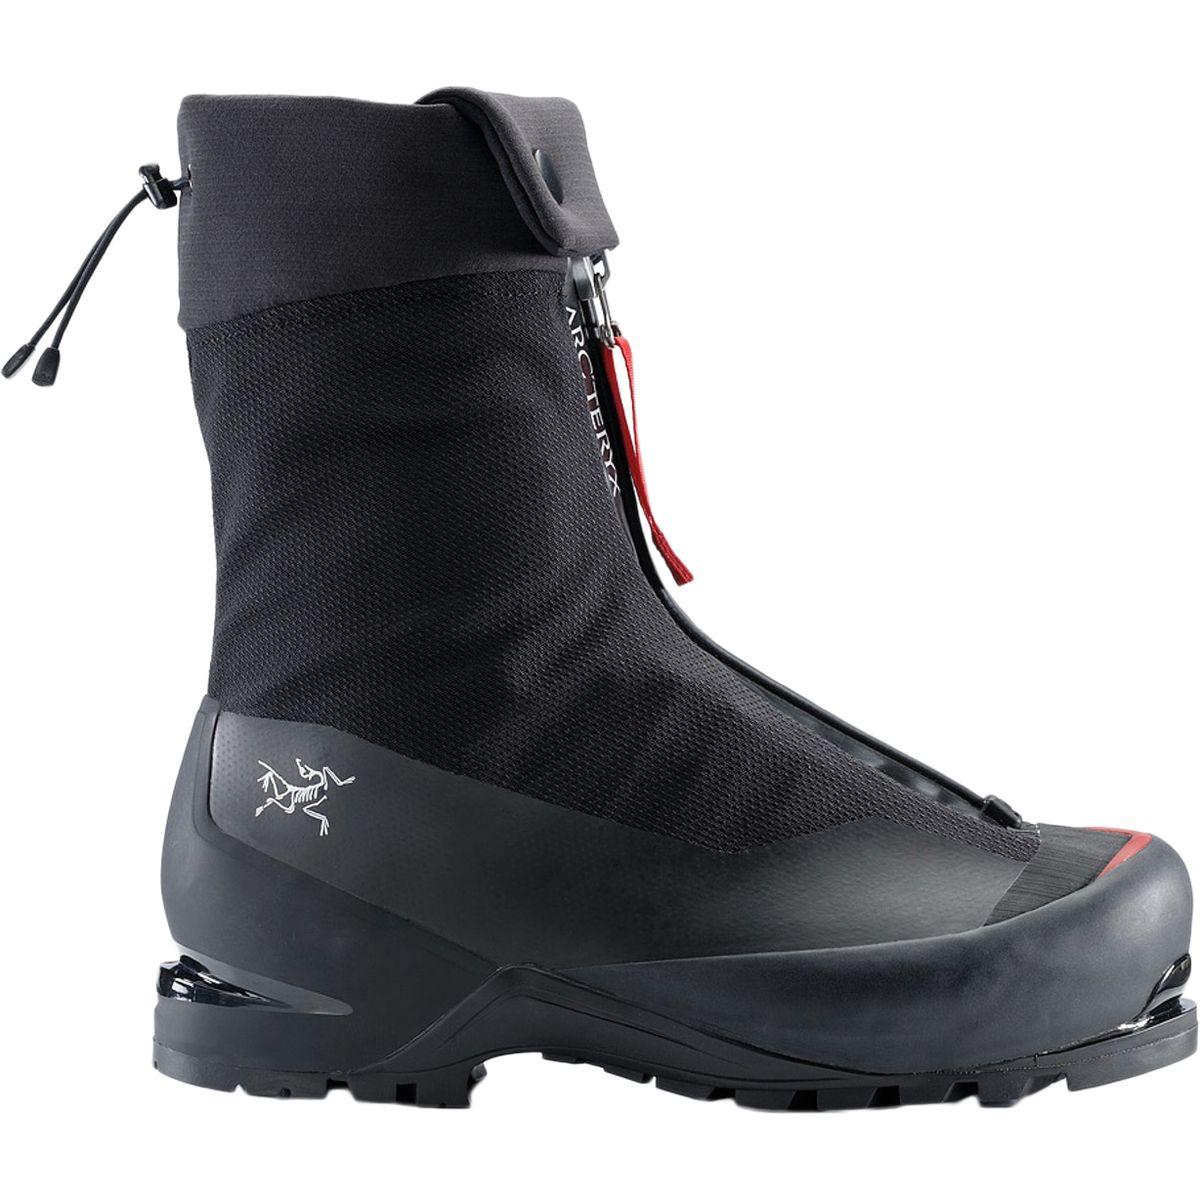 photo: Arc'teryx Acrux AR GTX mountaineering boot